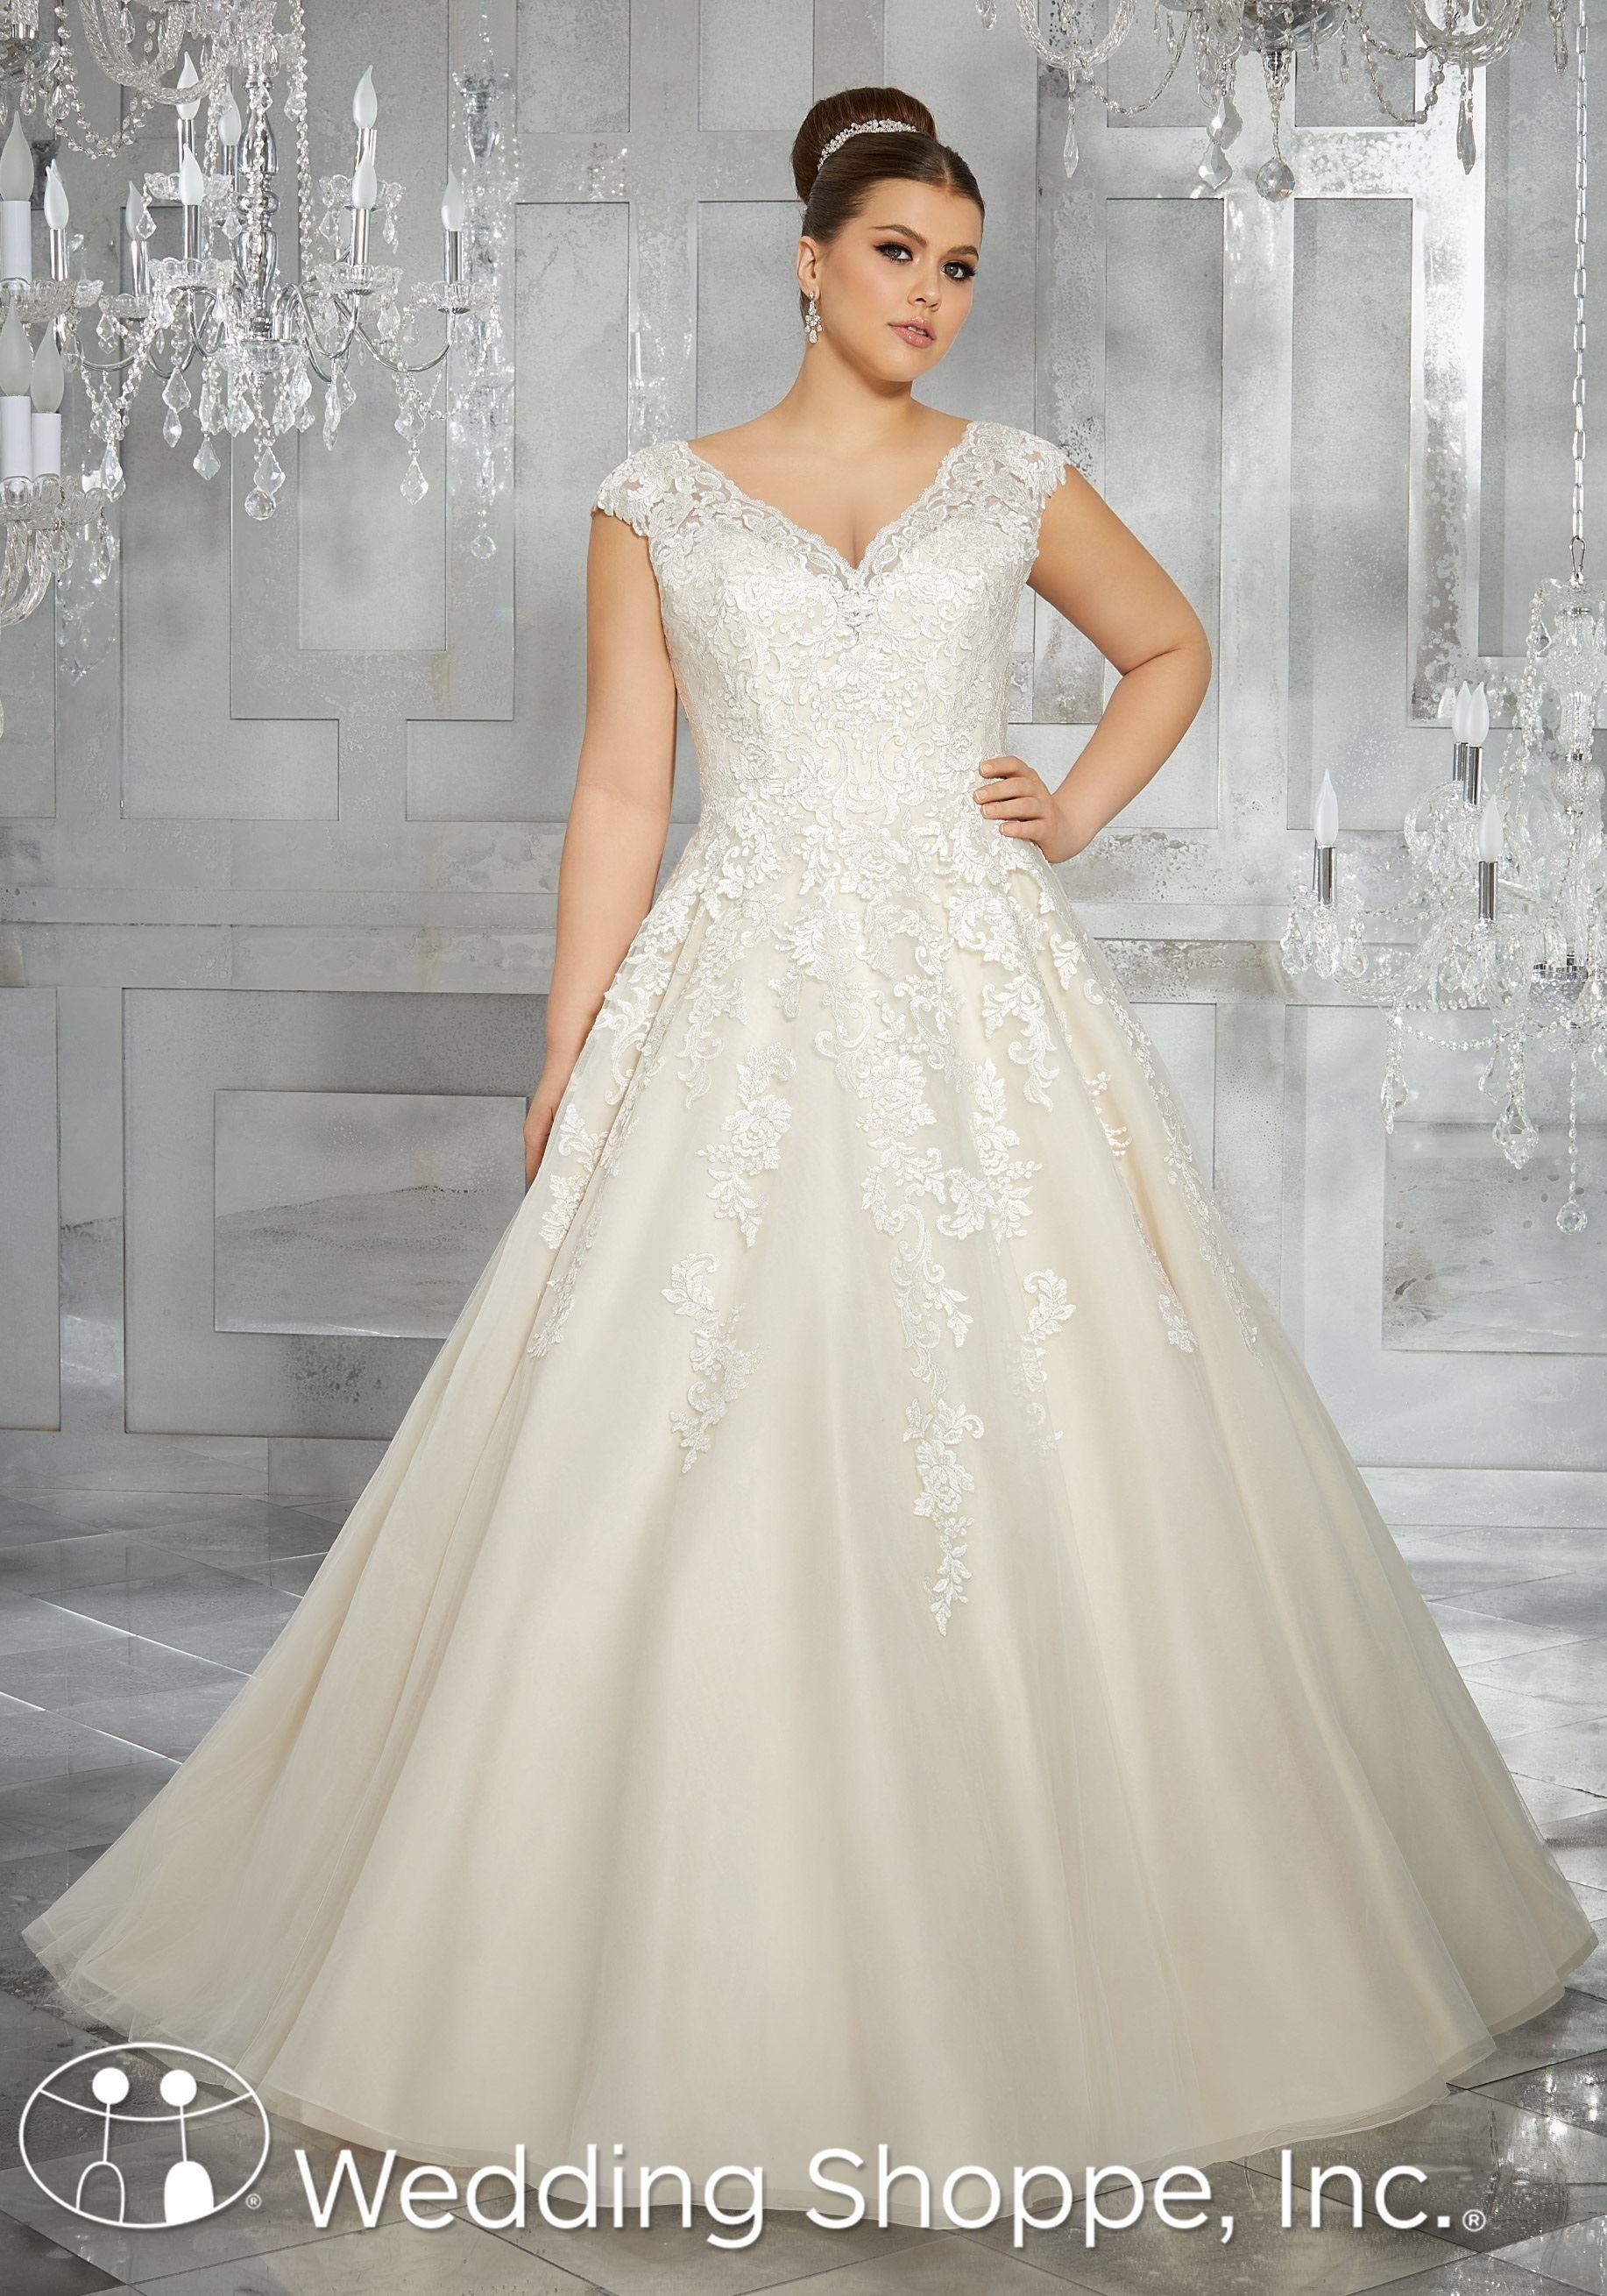 Gorgeous Lace Applique Ball Gown For Plus Size Brides The Wedding Shoppe Julietta By Mori Lee Bridal Ball Gown Plus Size Wedding Gowns Plus Wedding Dresses [ 2620 x 1834 Pixel ]